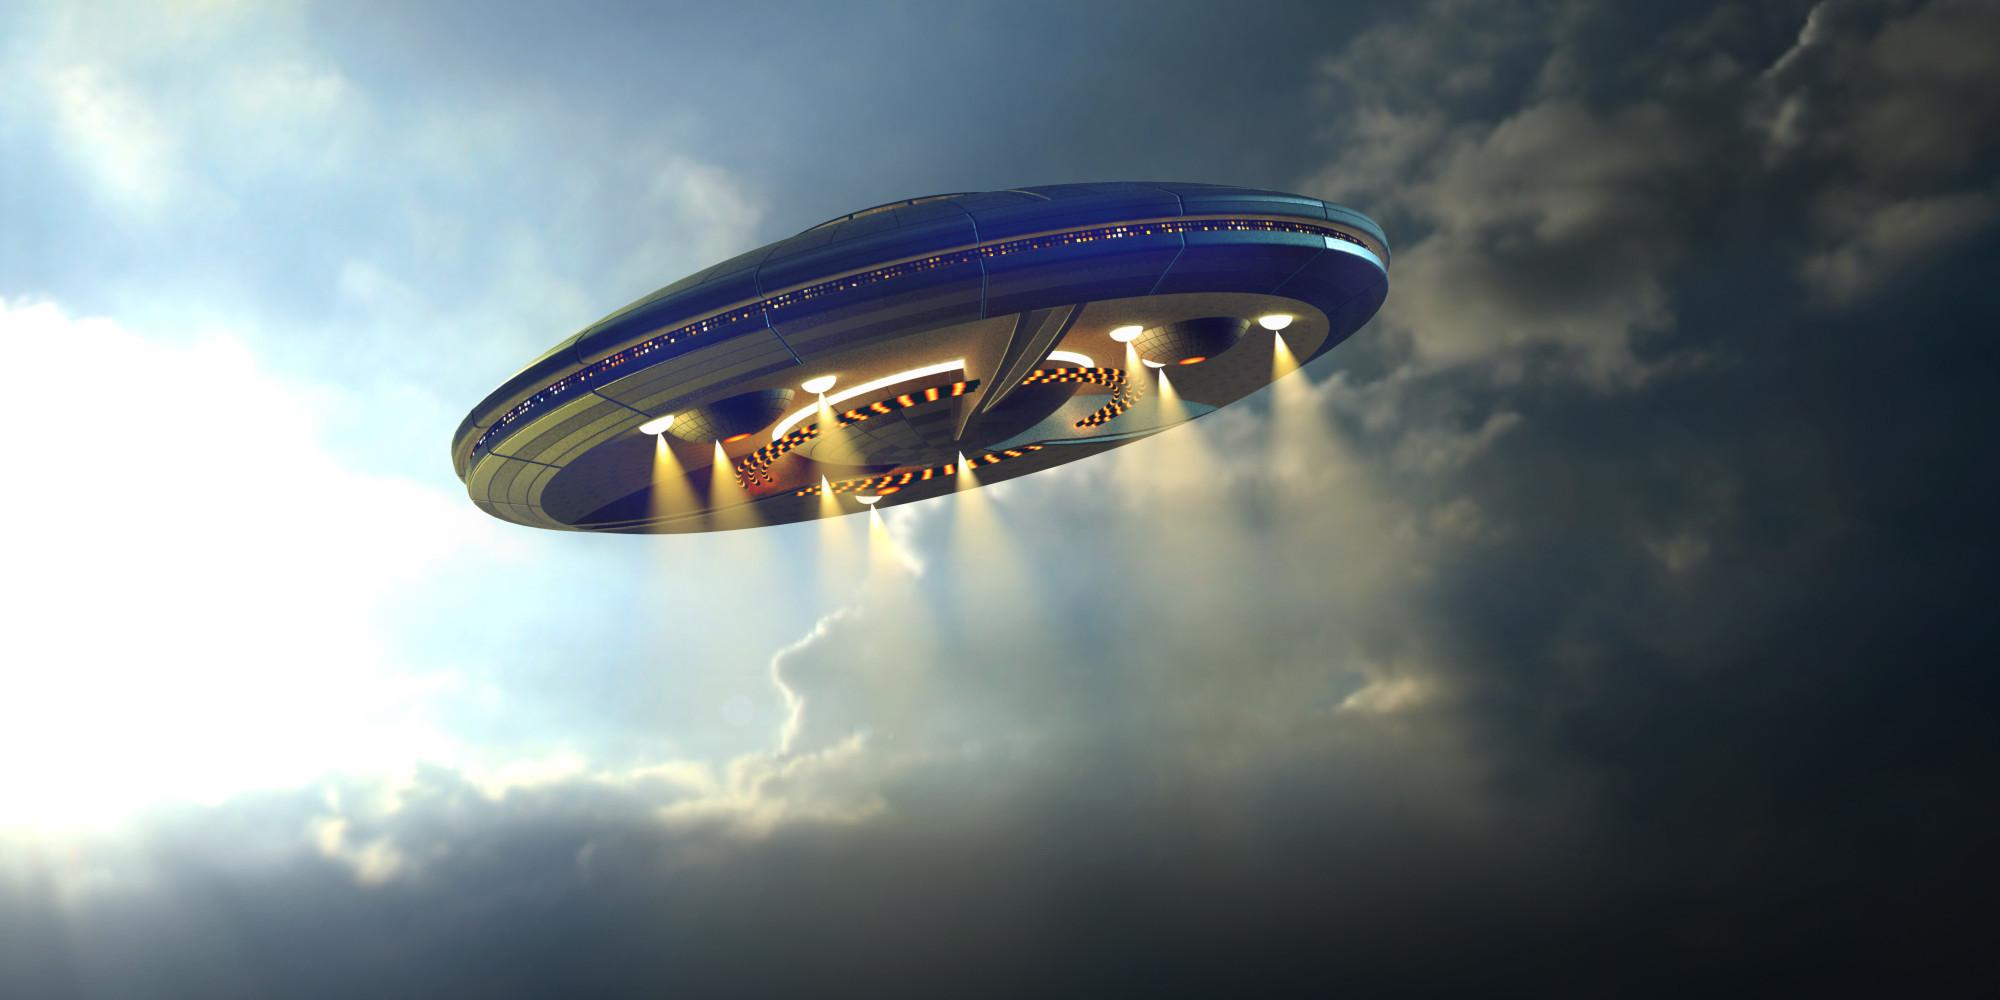 Бортовые камеры Международной космической станции зафиксировали корабль инопланетян